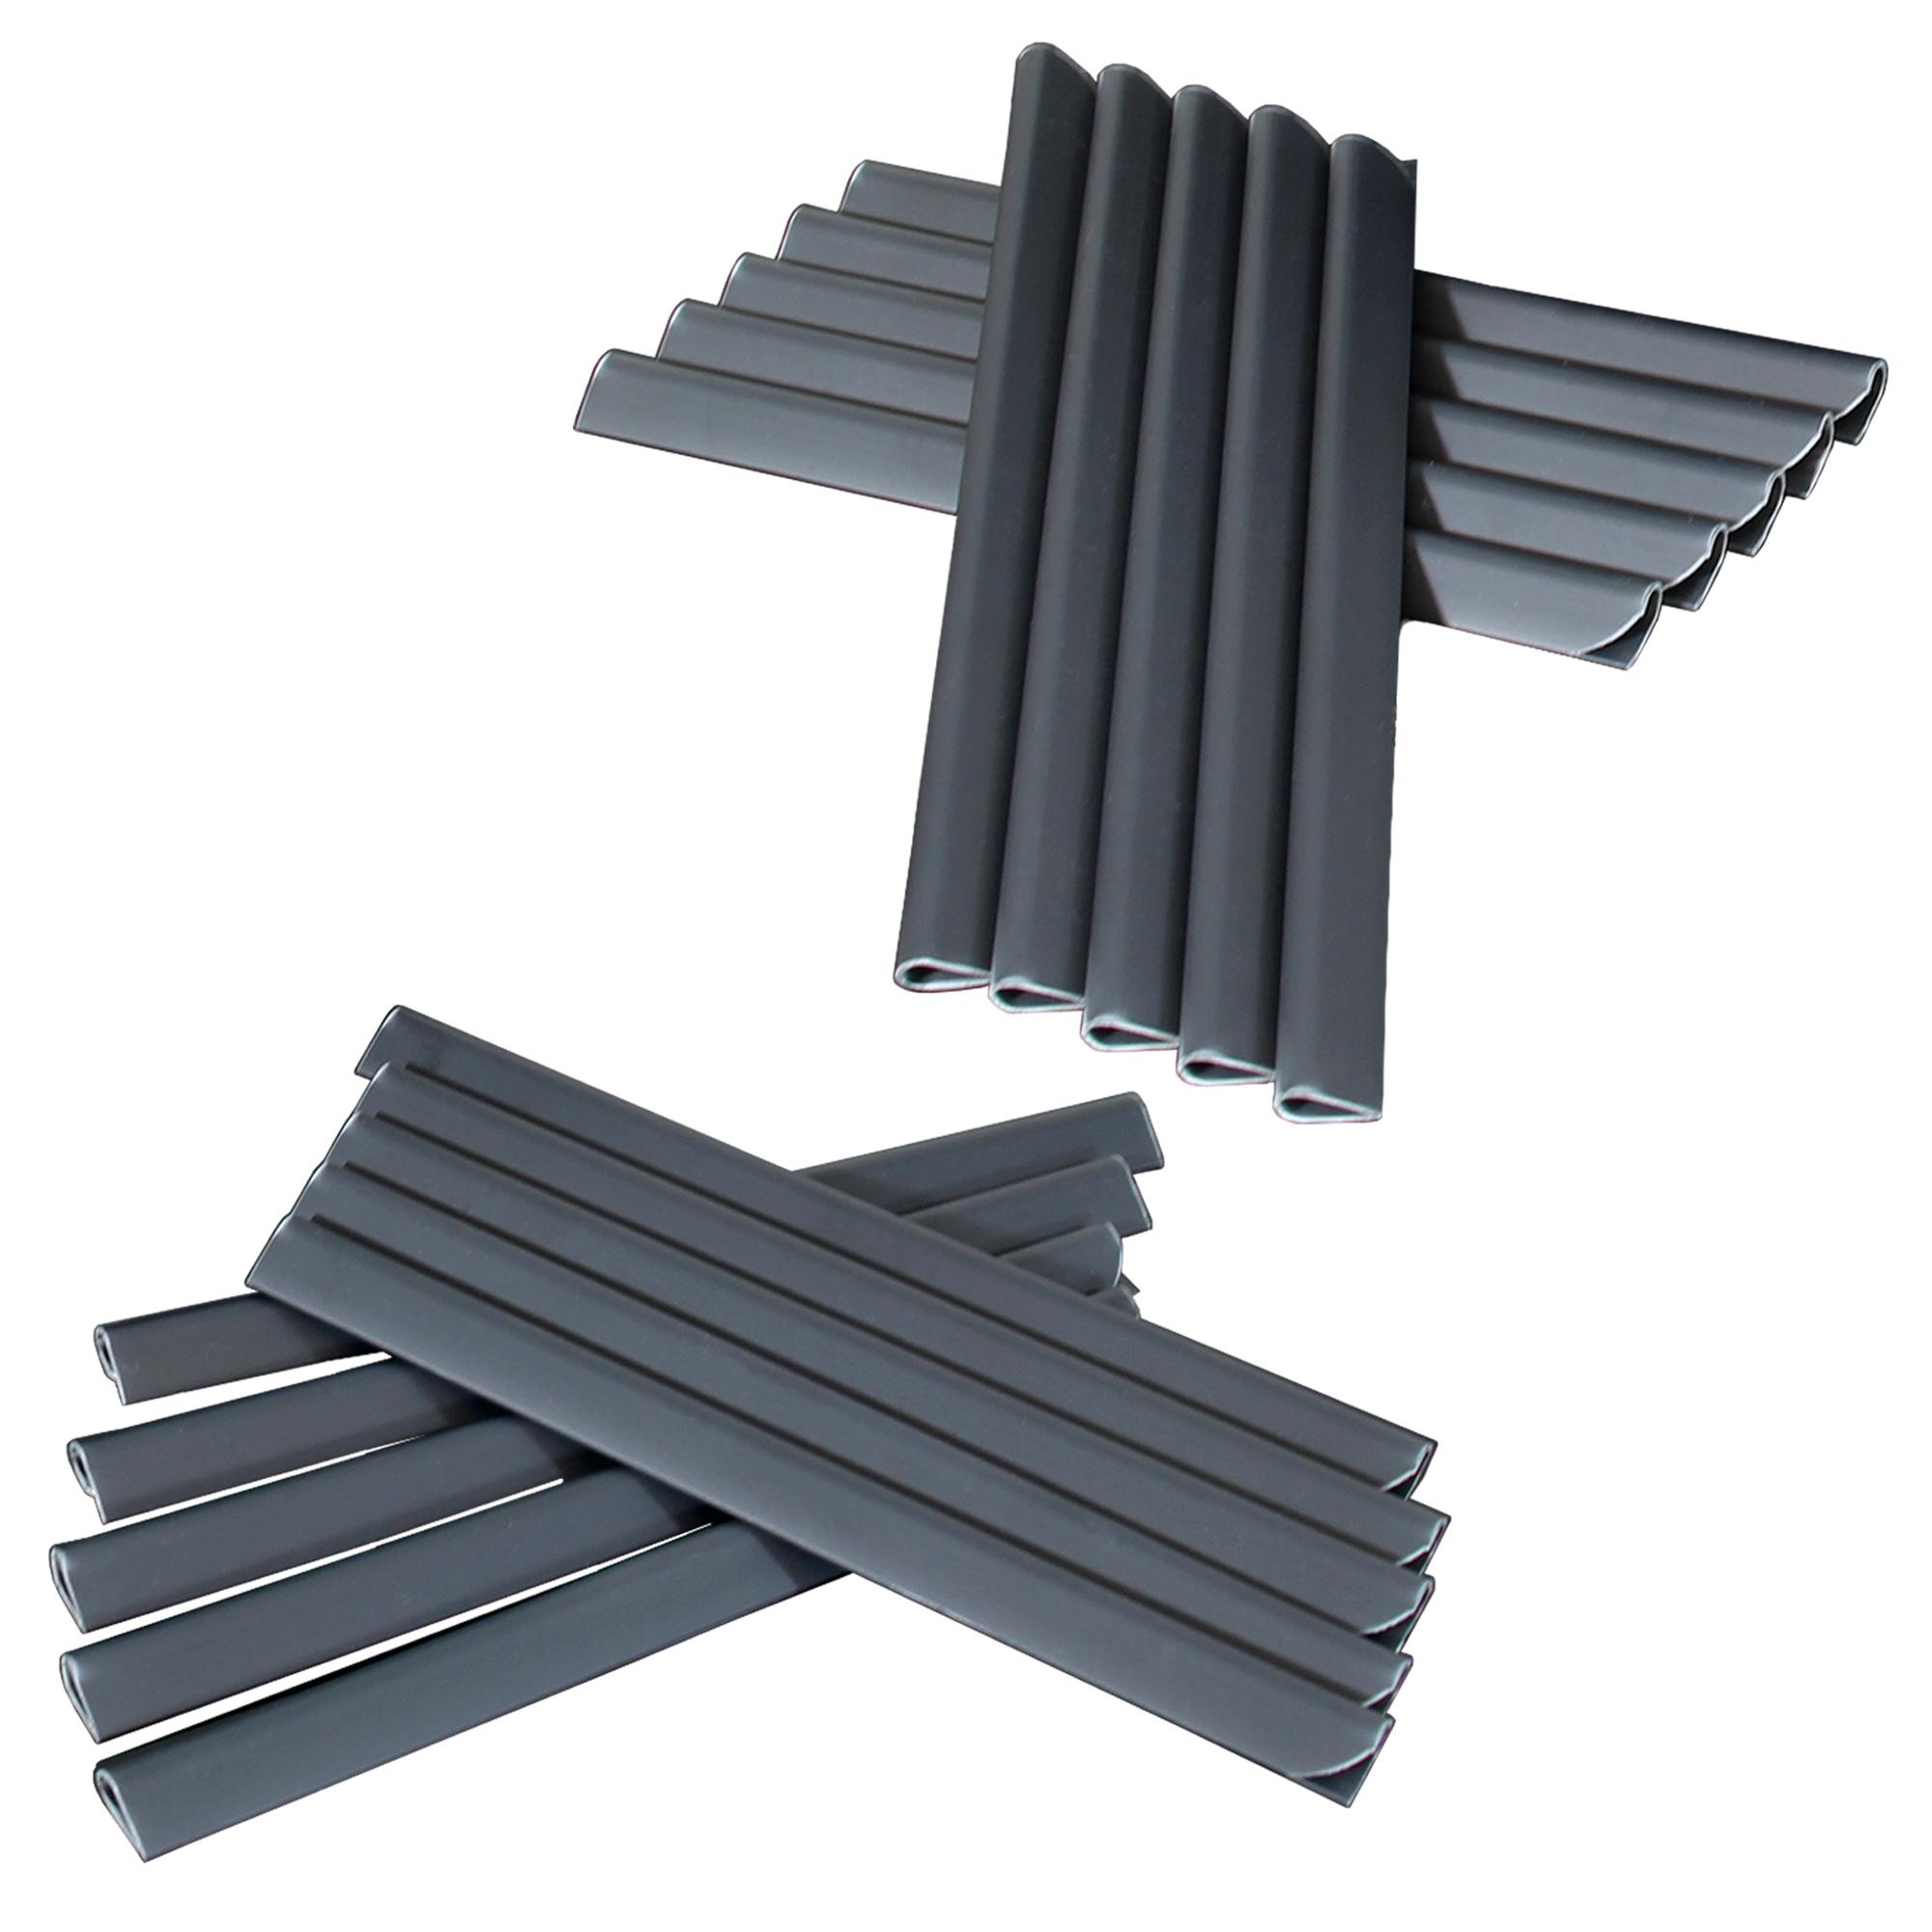 3 19 m pvc sichtschutz streifen doppelstabmatten zaun folie plane rolle ebay. Black Bedroom Furniture Sets. Home Design Ideas